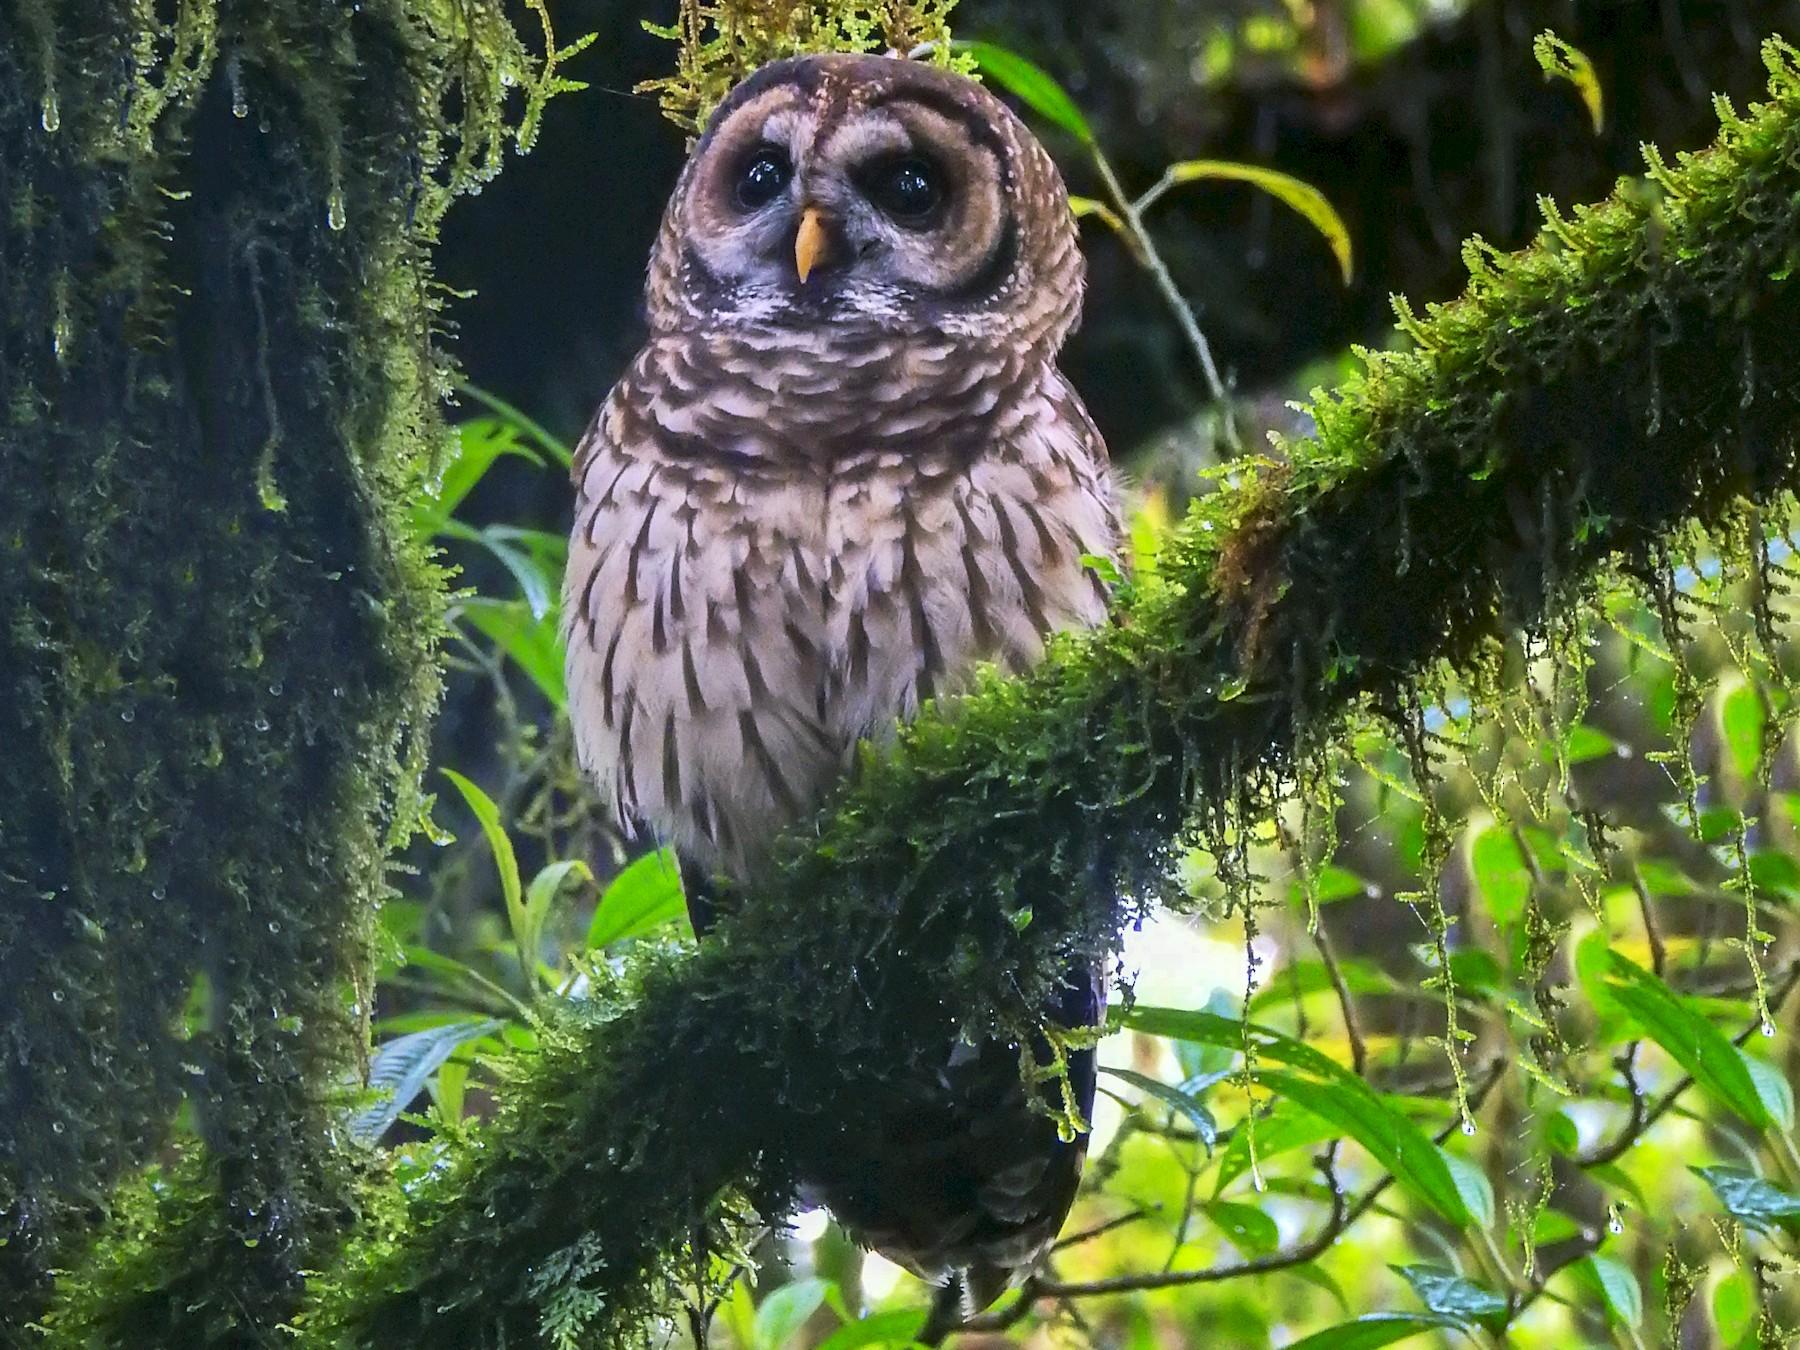 Fulvous Owl - Katinka Domen (Beaks and Peaks)